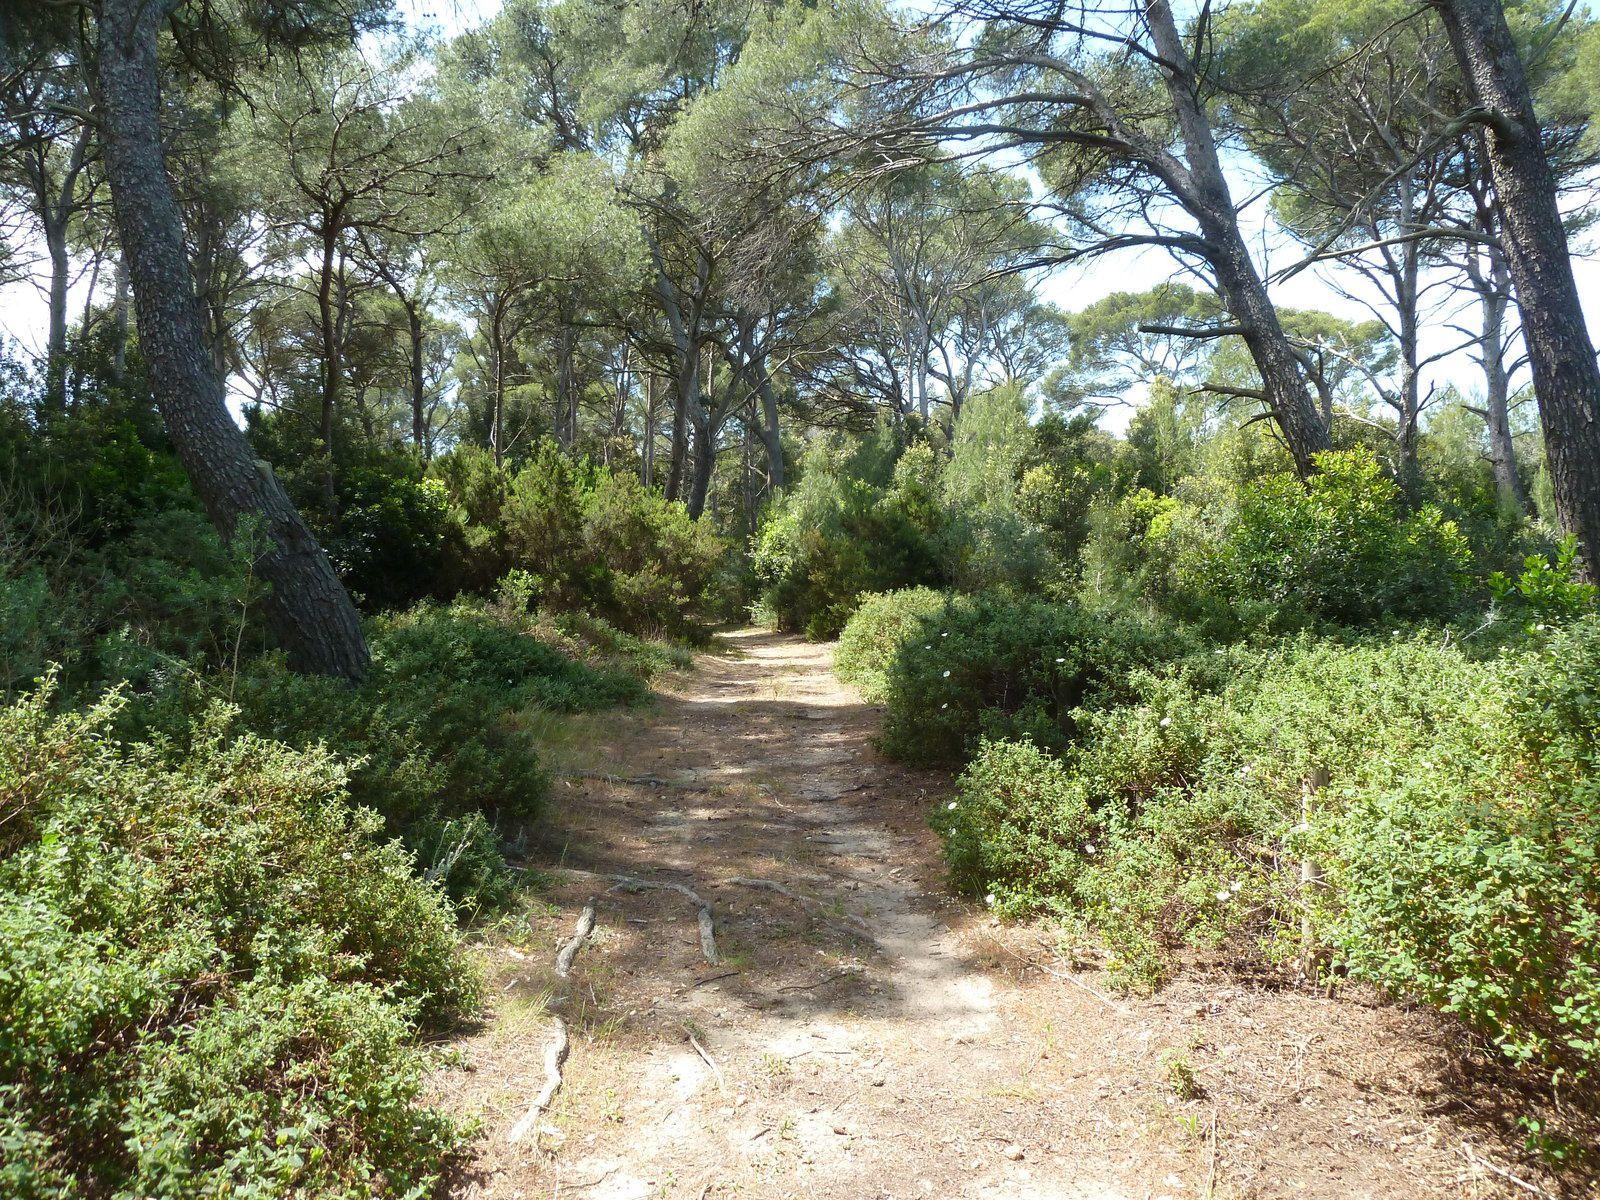 Nous reprenons notre chemin pas le sentier surplombant la plage en direction de l'intérieur de l'île.